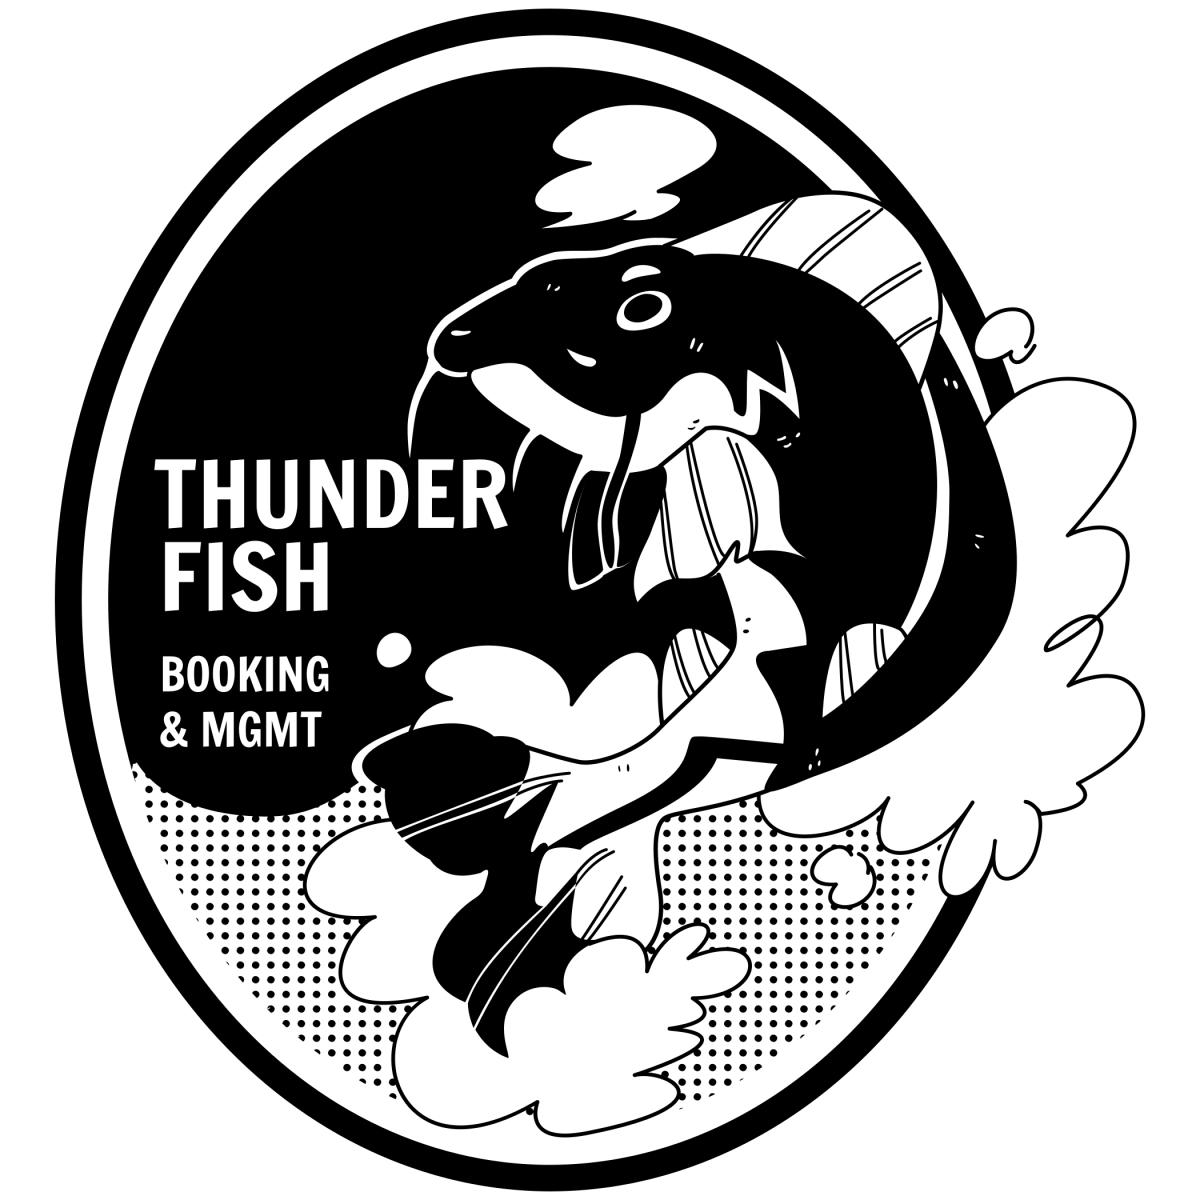 ThunderFish_Circle_Halftone.jpg